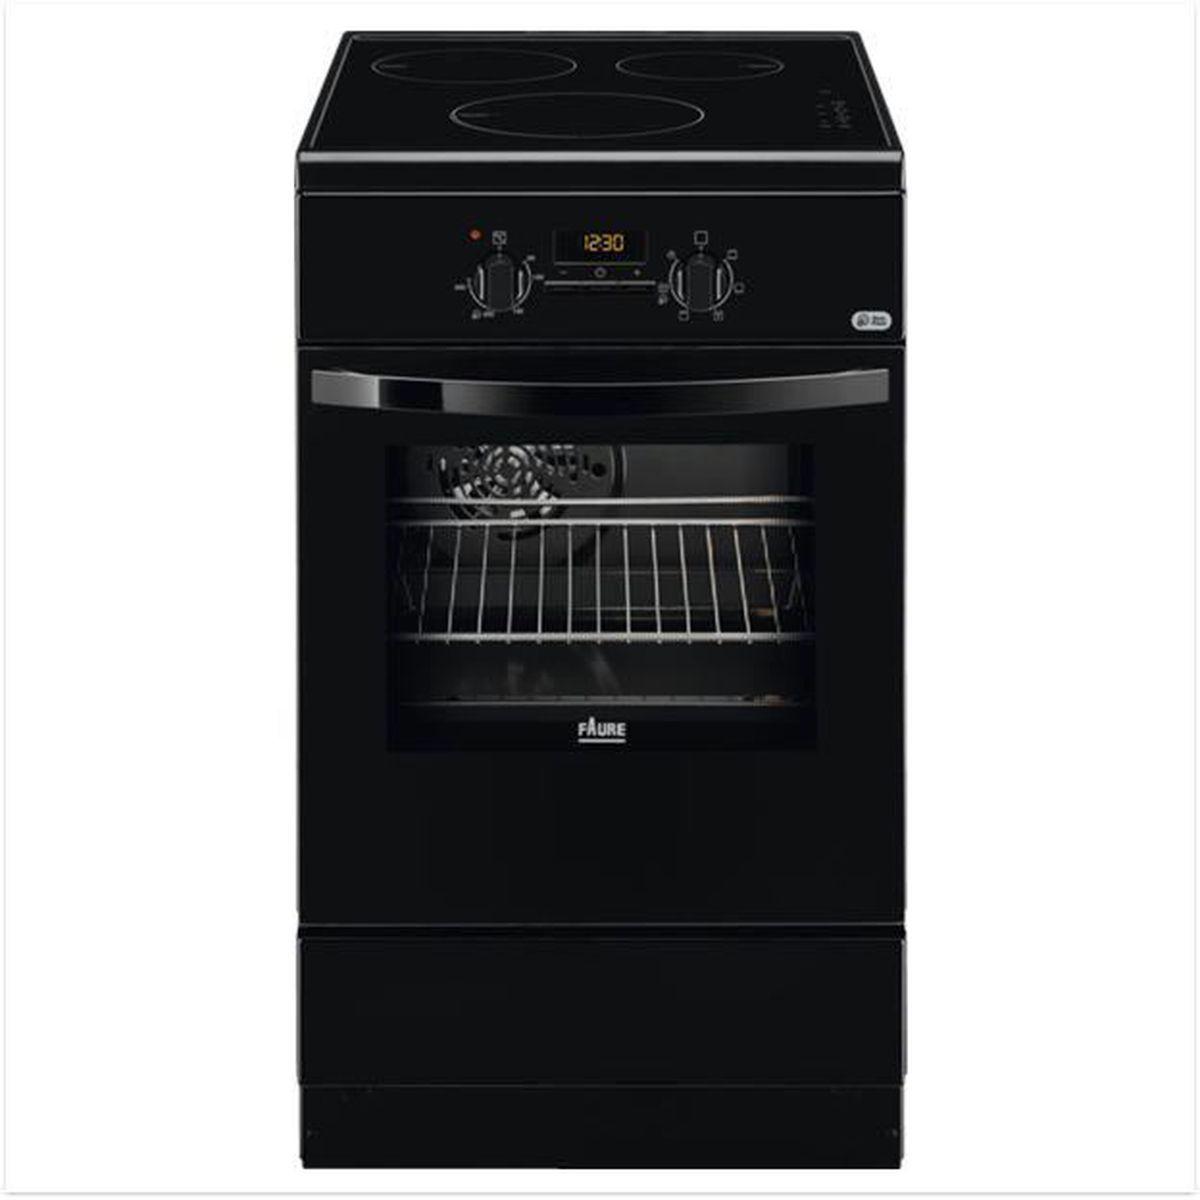 Cuisinière induction Faure FCI57301BA - 57 litres, 3 foyers, four électrique catalyse, chaleur tournante pulsée